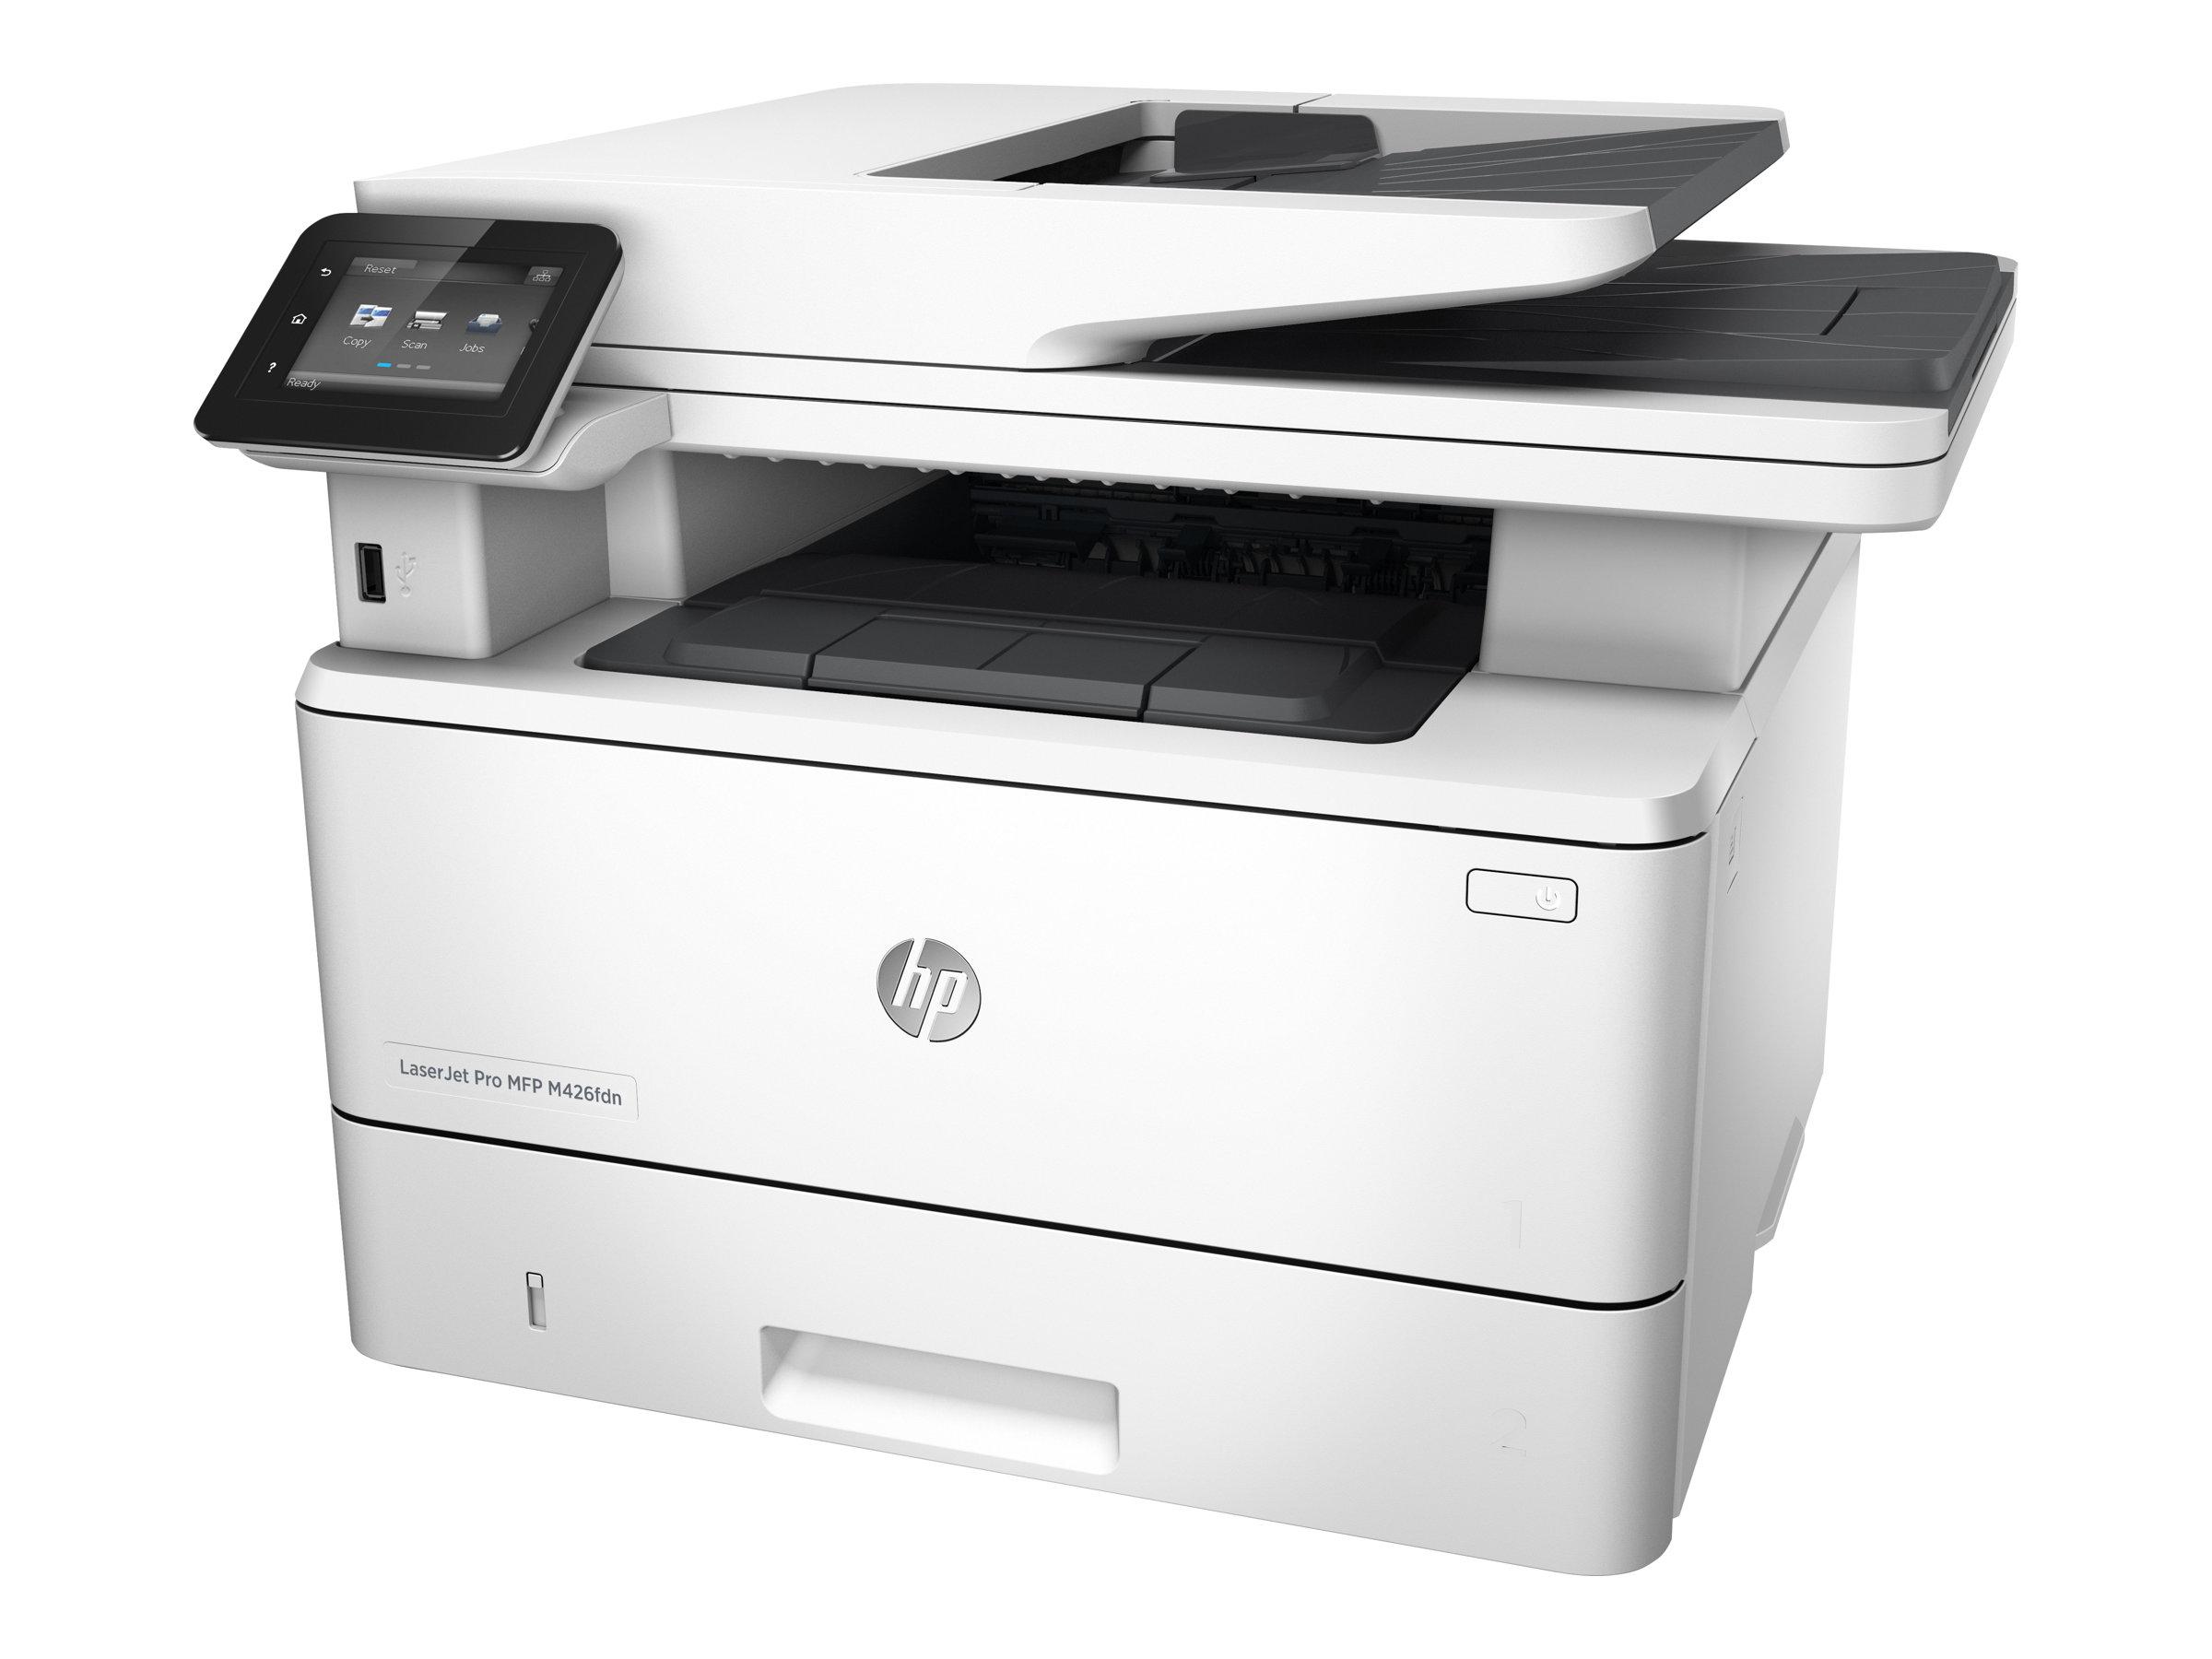 HP LaserJet Pro MFP M426fdn - Multifunktionsdrucker - s/w - Laser - Legal (216 x 356 mm) (Original) - A4/Legal (Medien)